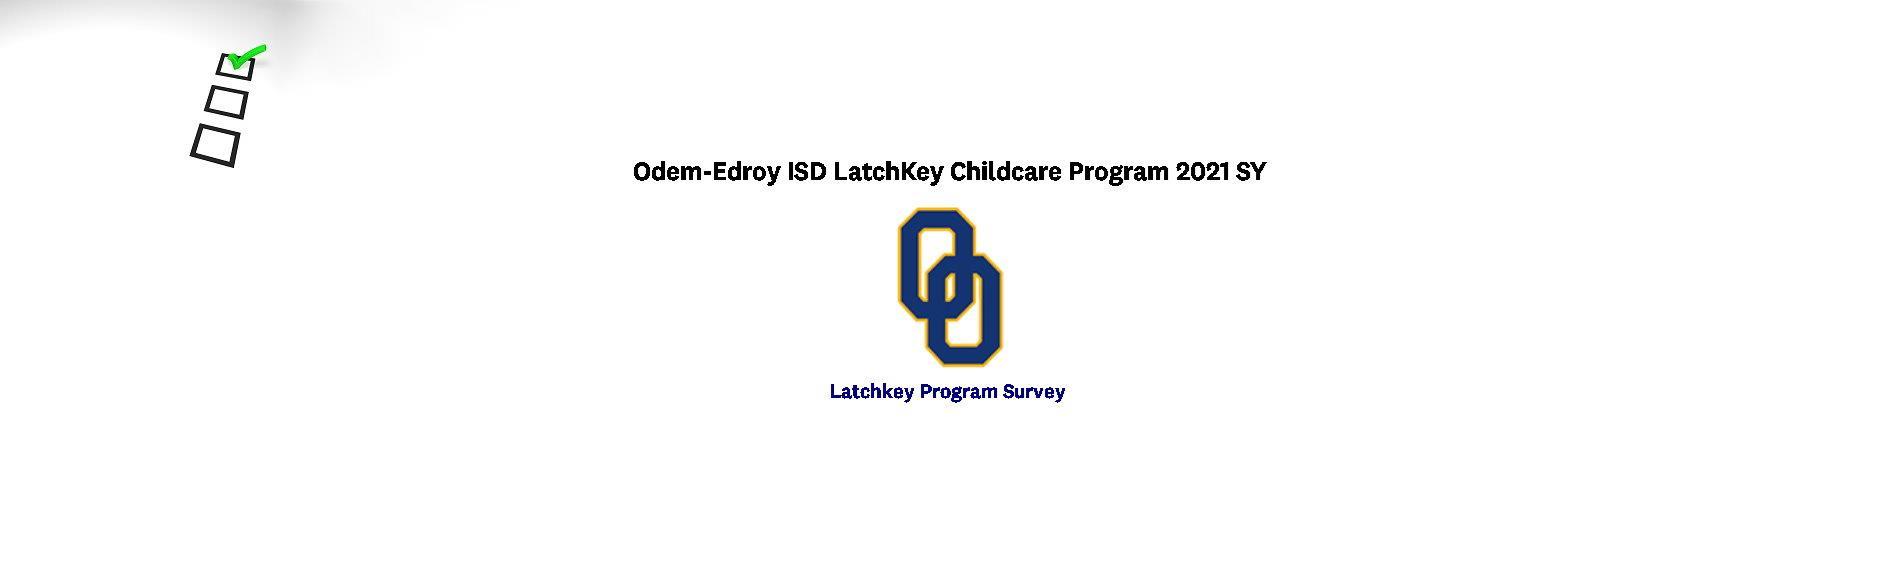 Latchkey Program Survey